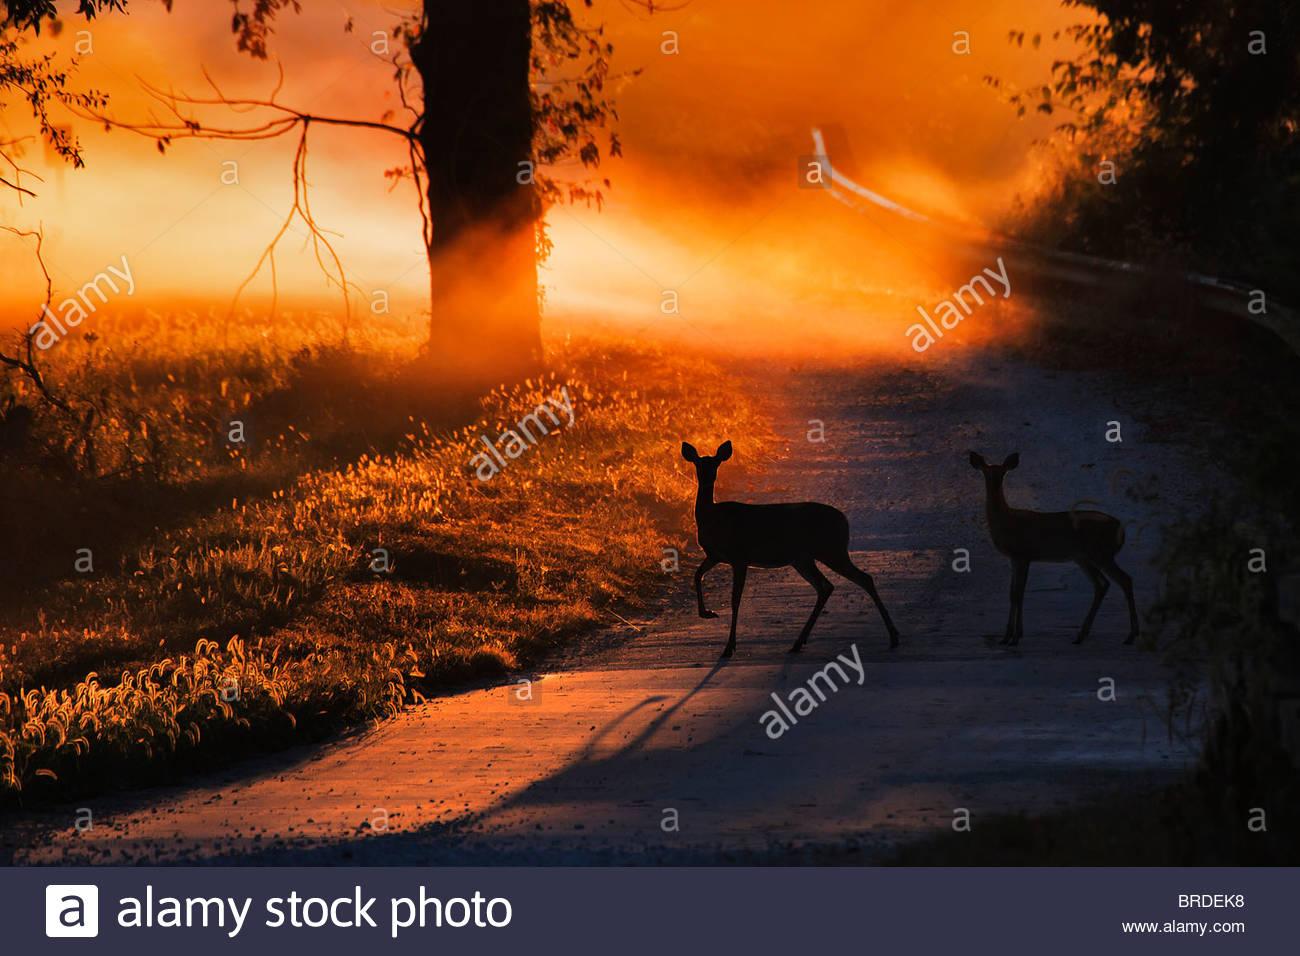 DOE und Fawn-White tail Deer überqueren einer Landstraße bei Sonnenaufgang Stockbild